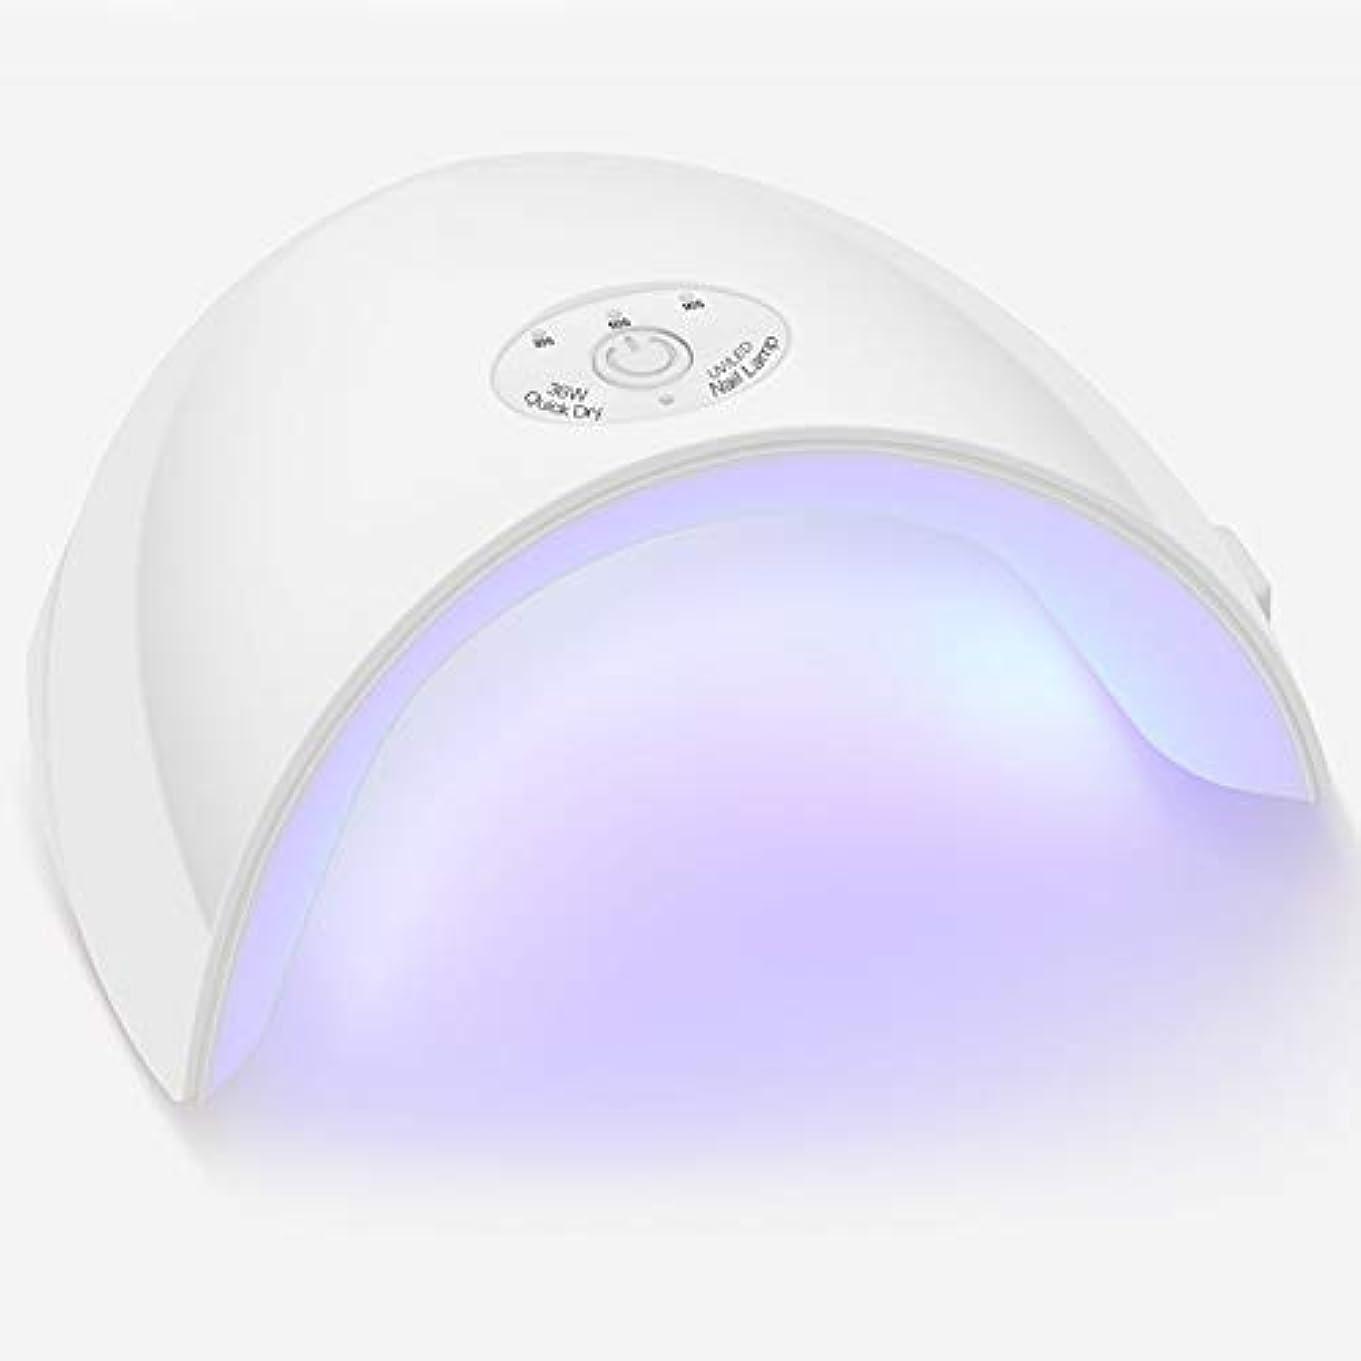 教育きゅうり操縦する硬化ライトネイルライト ネイルLEDライト36W新型 3段階タイマー付きUSB式 ハイパワー